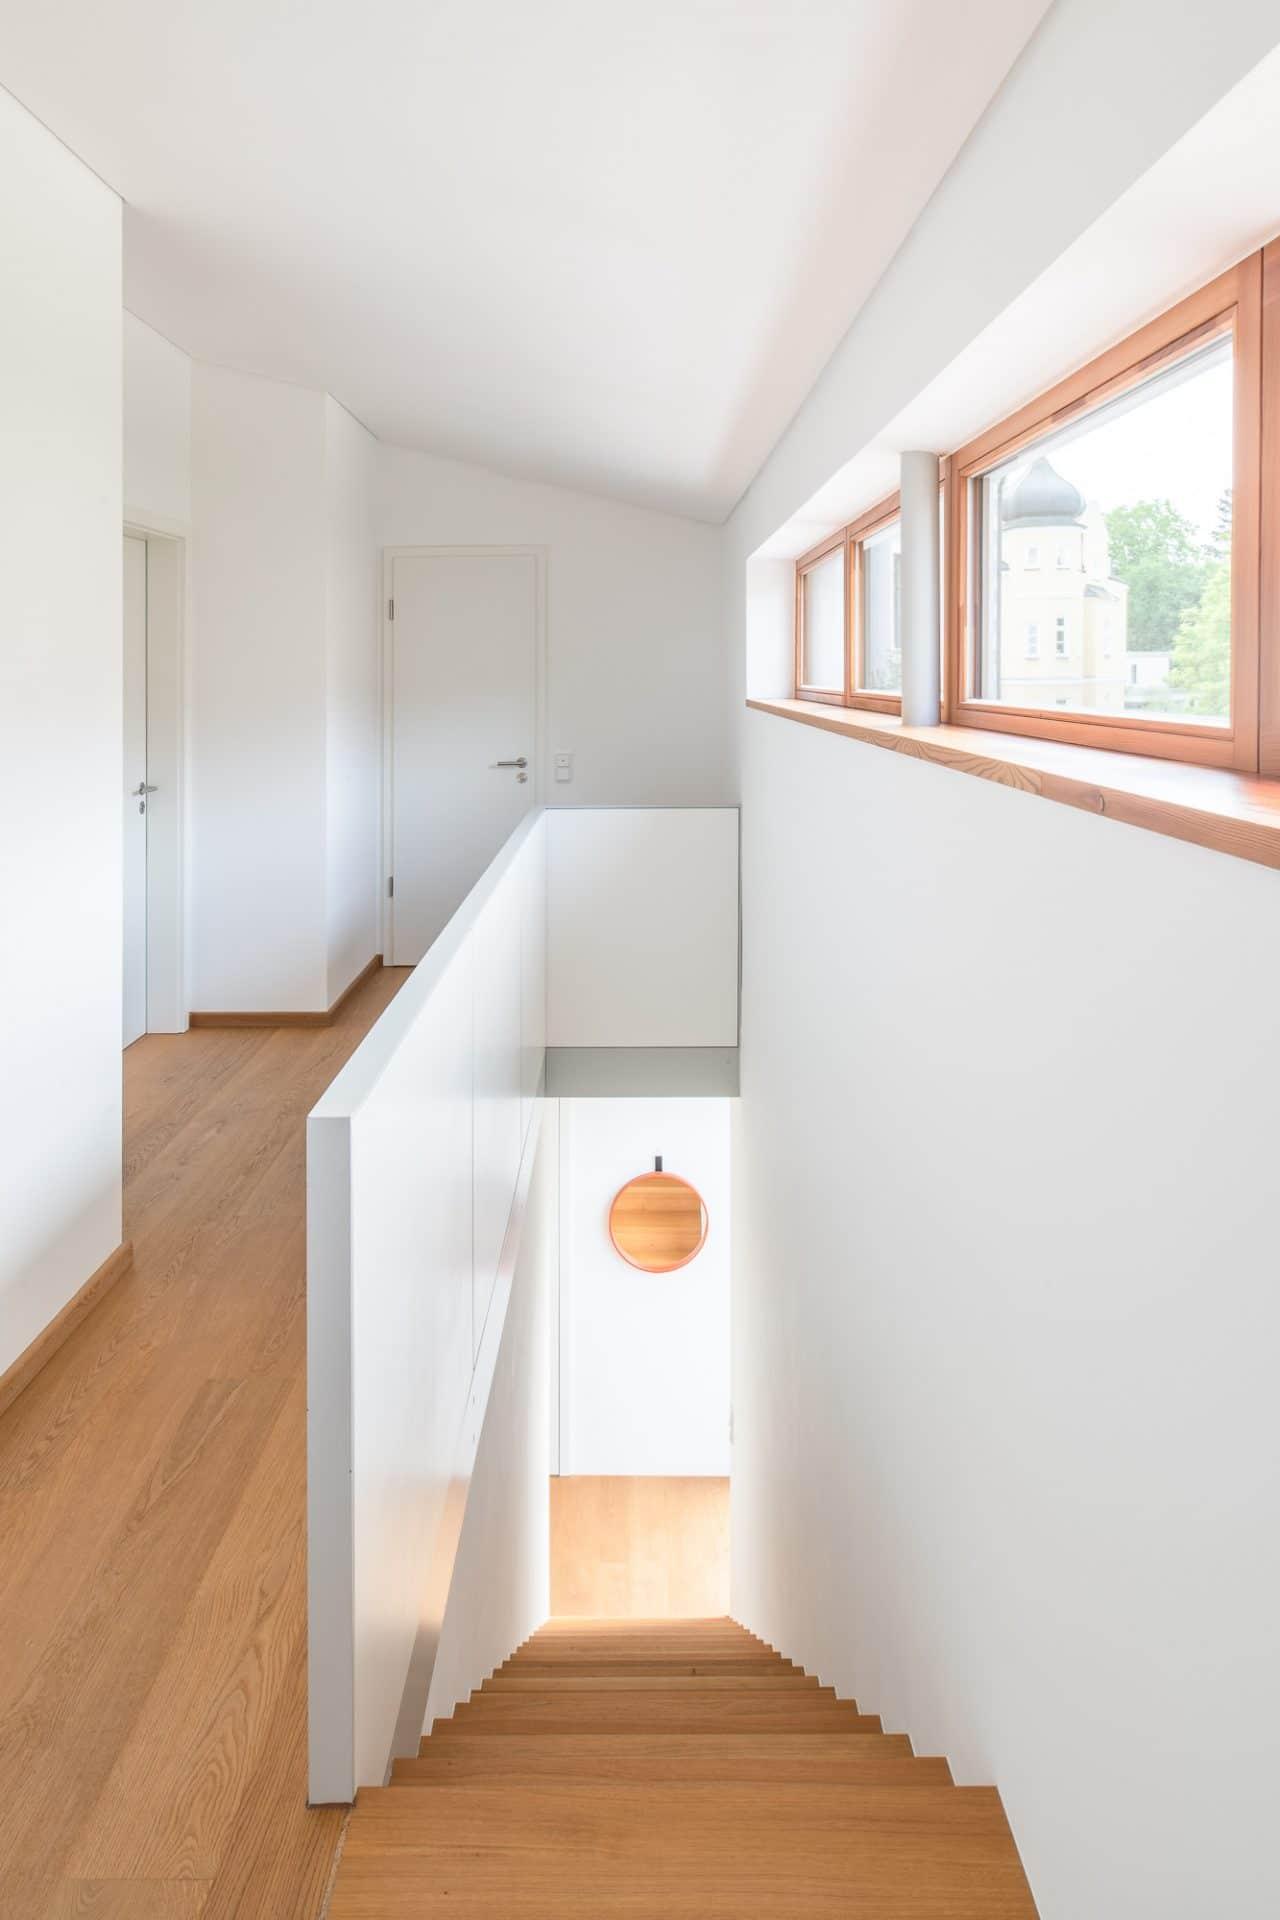 Küchendesign von VOIT aus Beton in Kombination mit Eiche Natur - Treppenaufgang